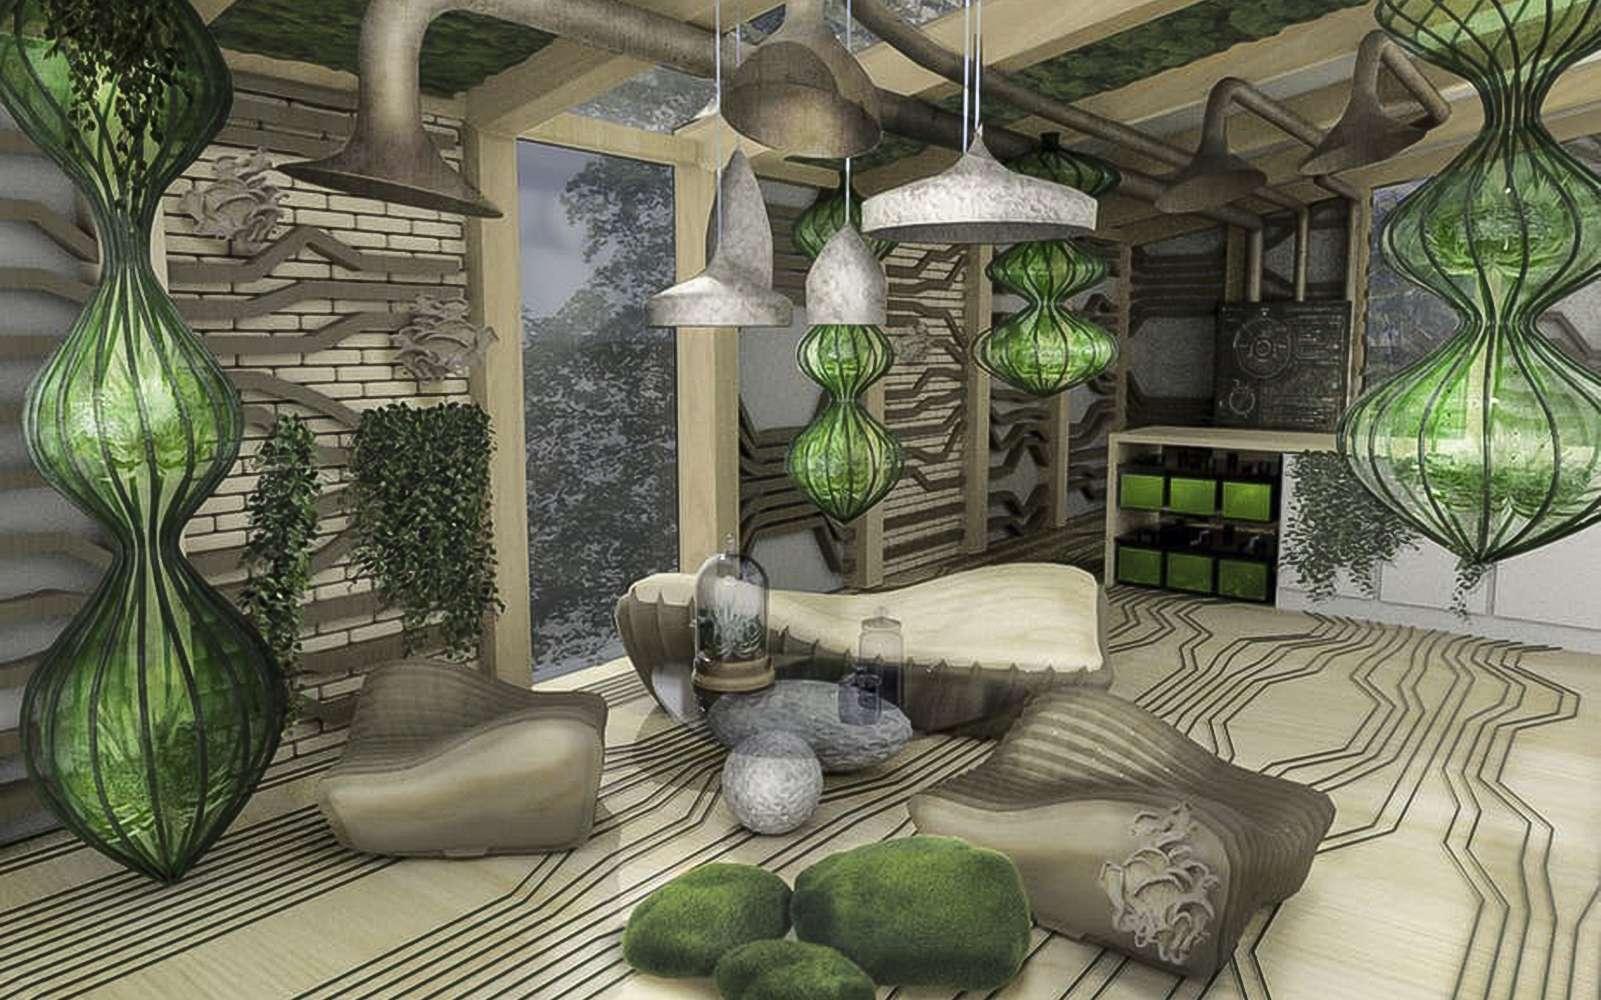 Les chercheurs du premier centre au monde consacré aux applications des biotechnologies dans le bâtiment (HBBE) en sont convaincus : les maisons de demain seront vivantes ! © Assia Stefanova, HBBE